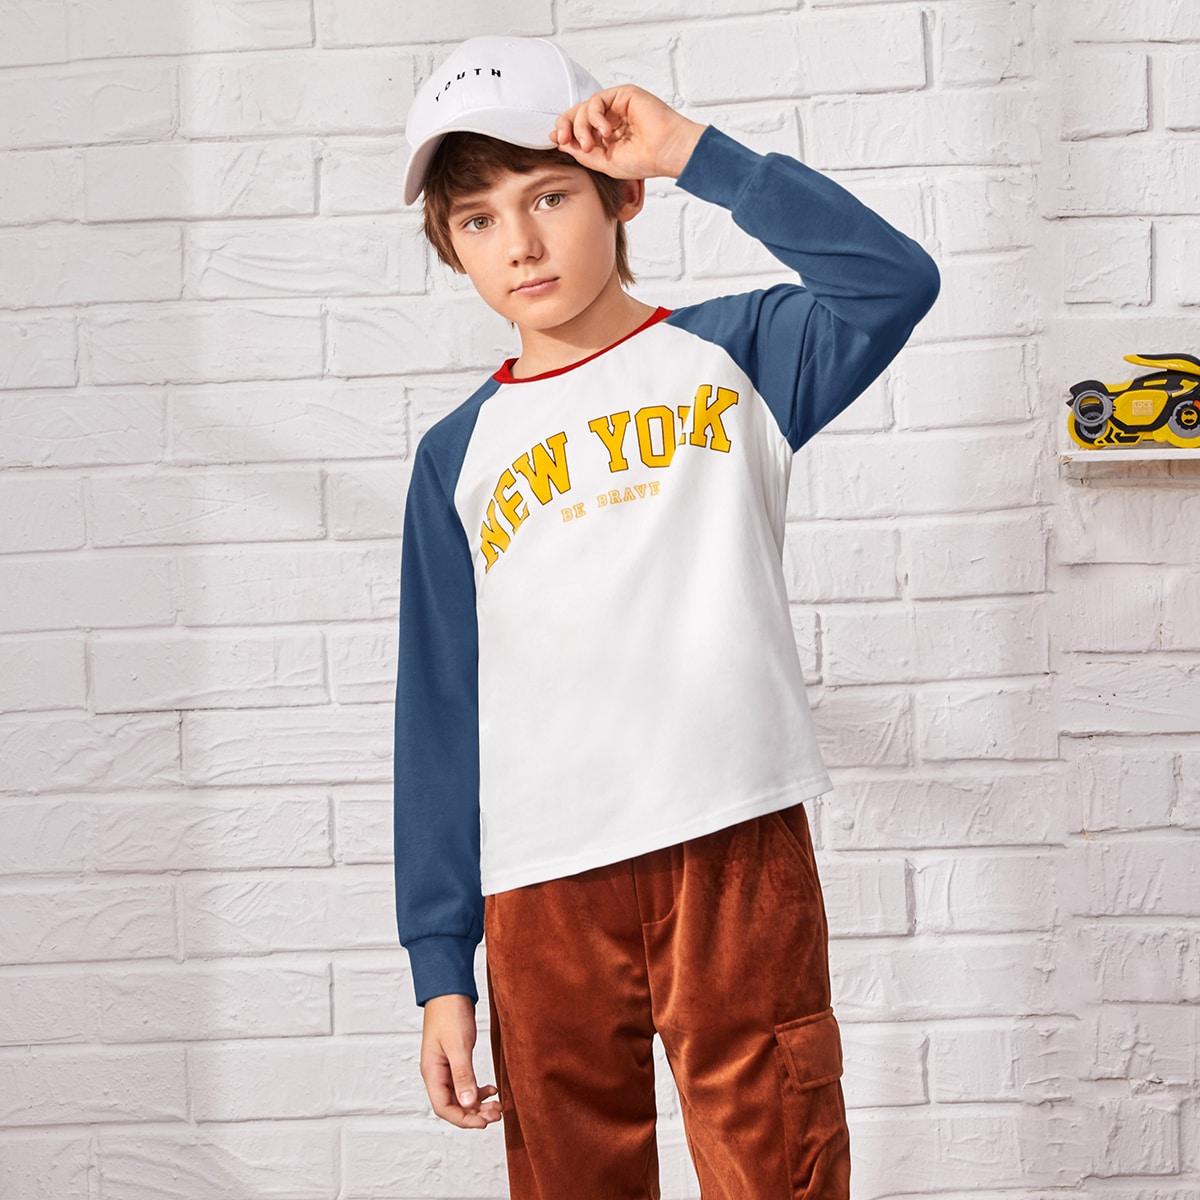 Контрастная футболка с текстовым принтом для мальчиков